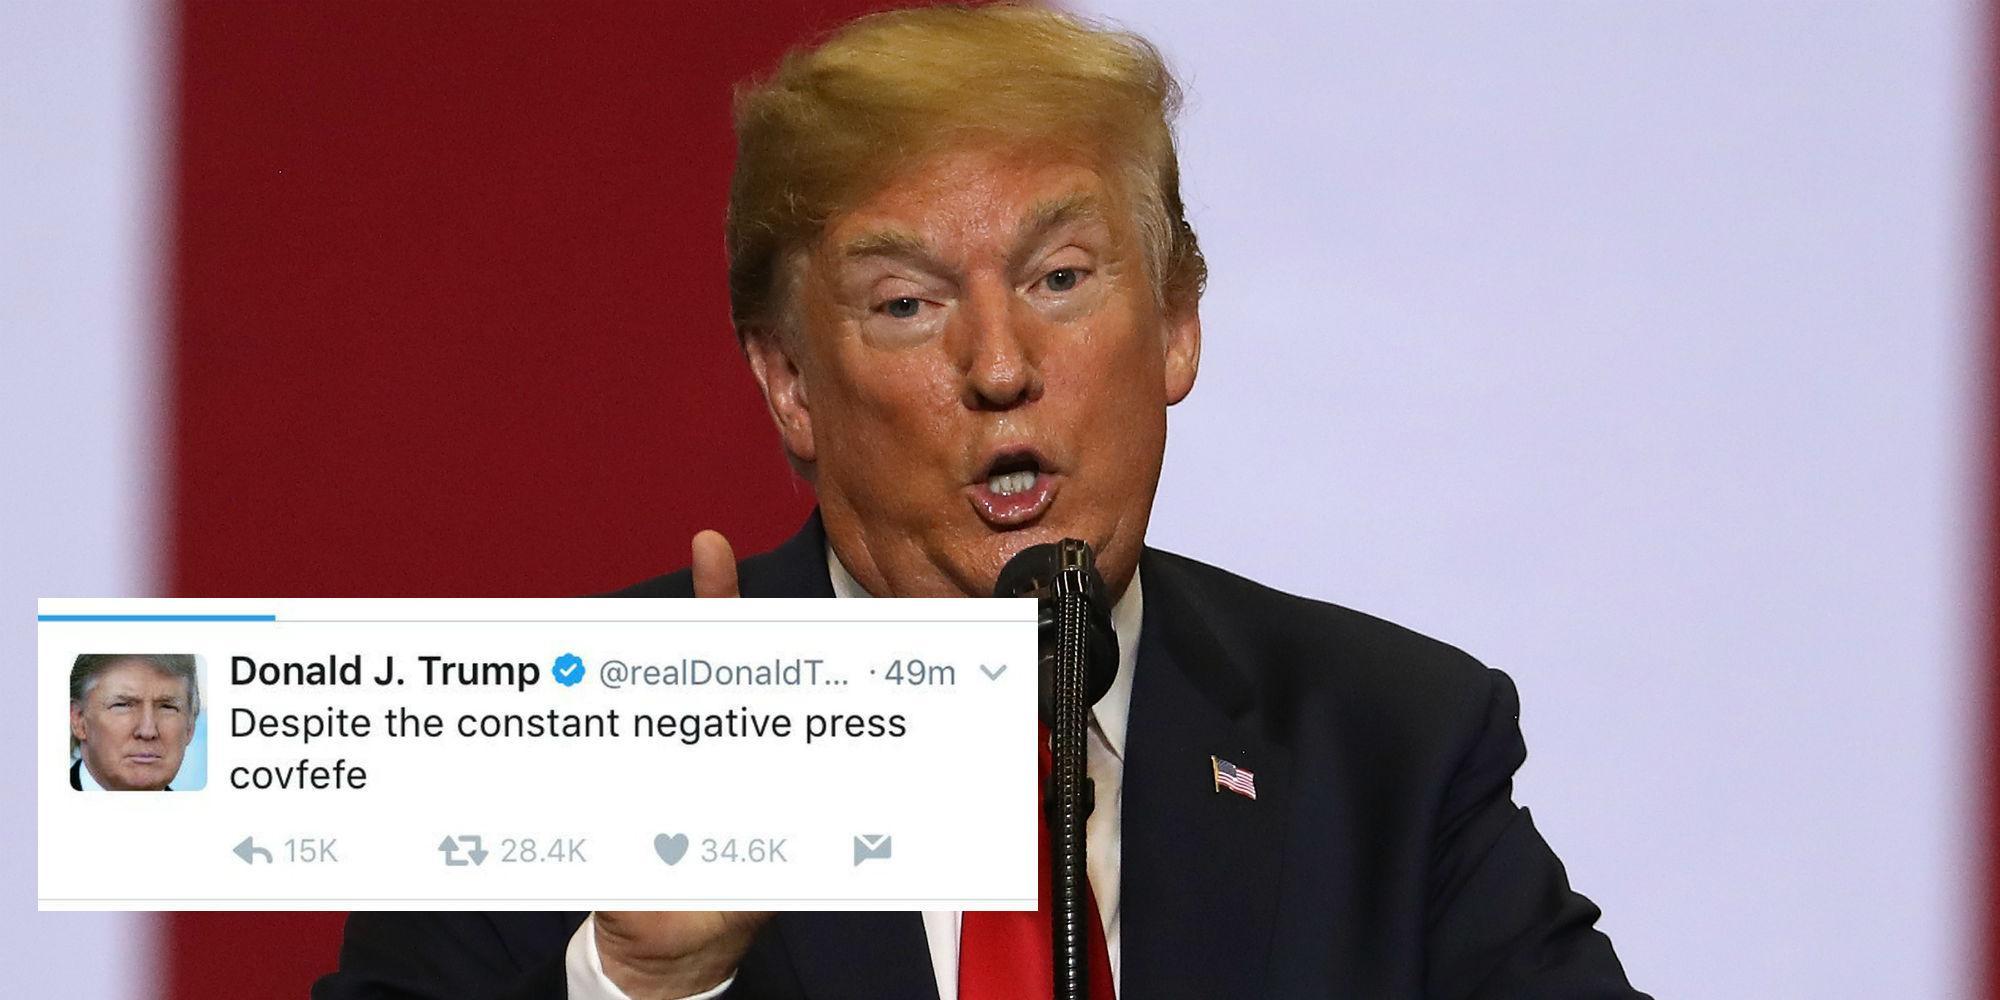 Trump gets embarrassed by tweet!